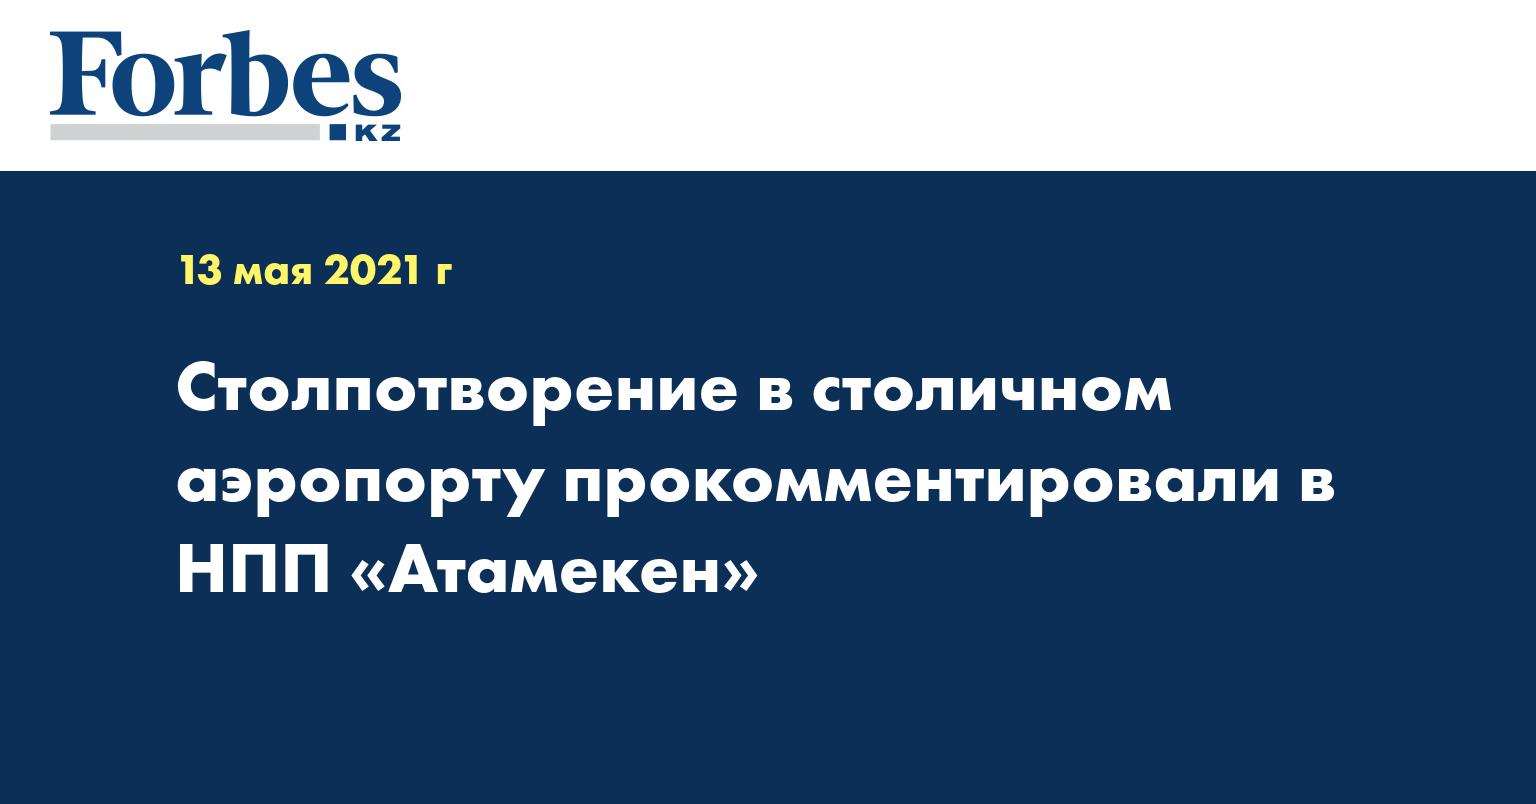 Столпотворение в столичном аэропорту прокомментировали в НПП «Атамекен»